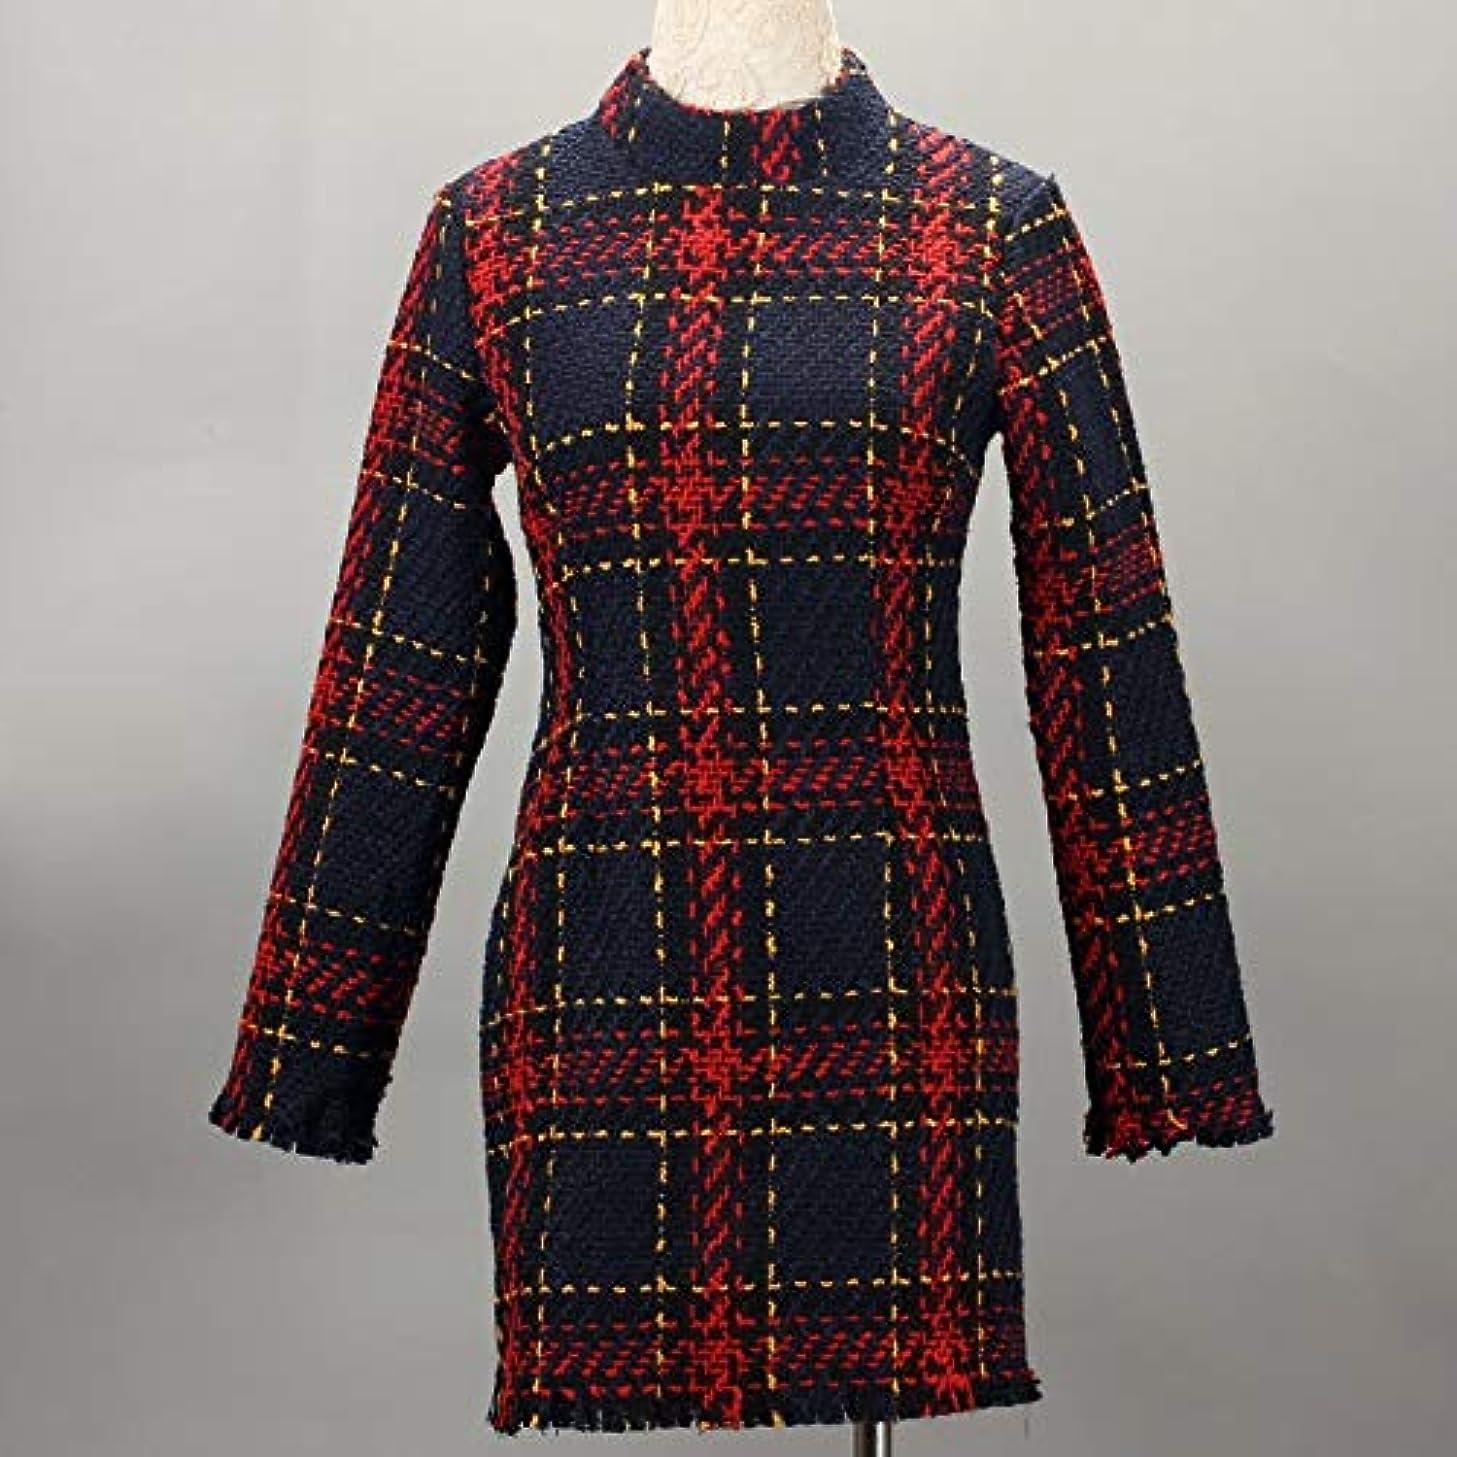 タヒチ受粉者連鎖Onderroa - ファッション冬のドレスの女性は、ストライプ長袖スリムスキニーセクシーなミニボディコンヴィンテージvestidosドレスの女性を印刷PLAID